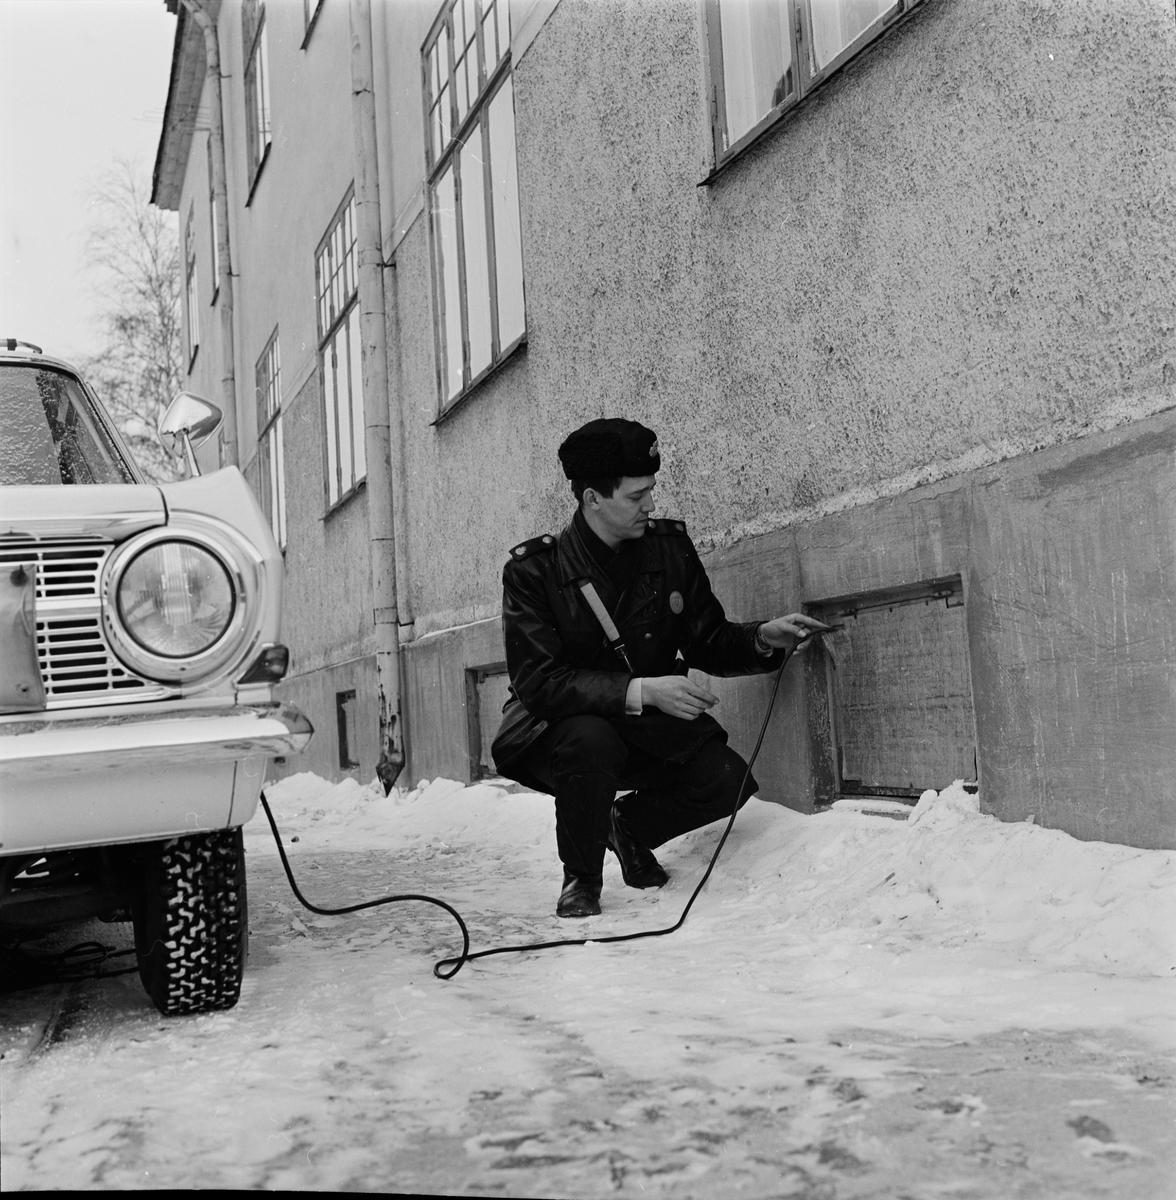 """Polis - """"motorvärmare måste handhas med förstånd"""", Uppsala 1966"""